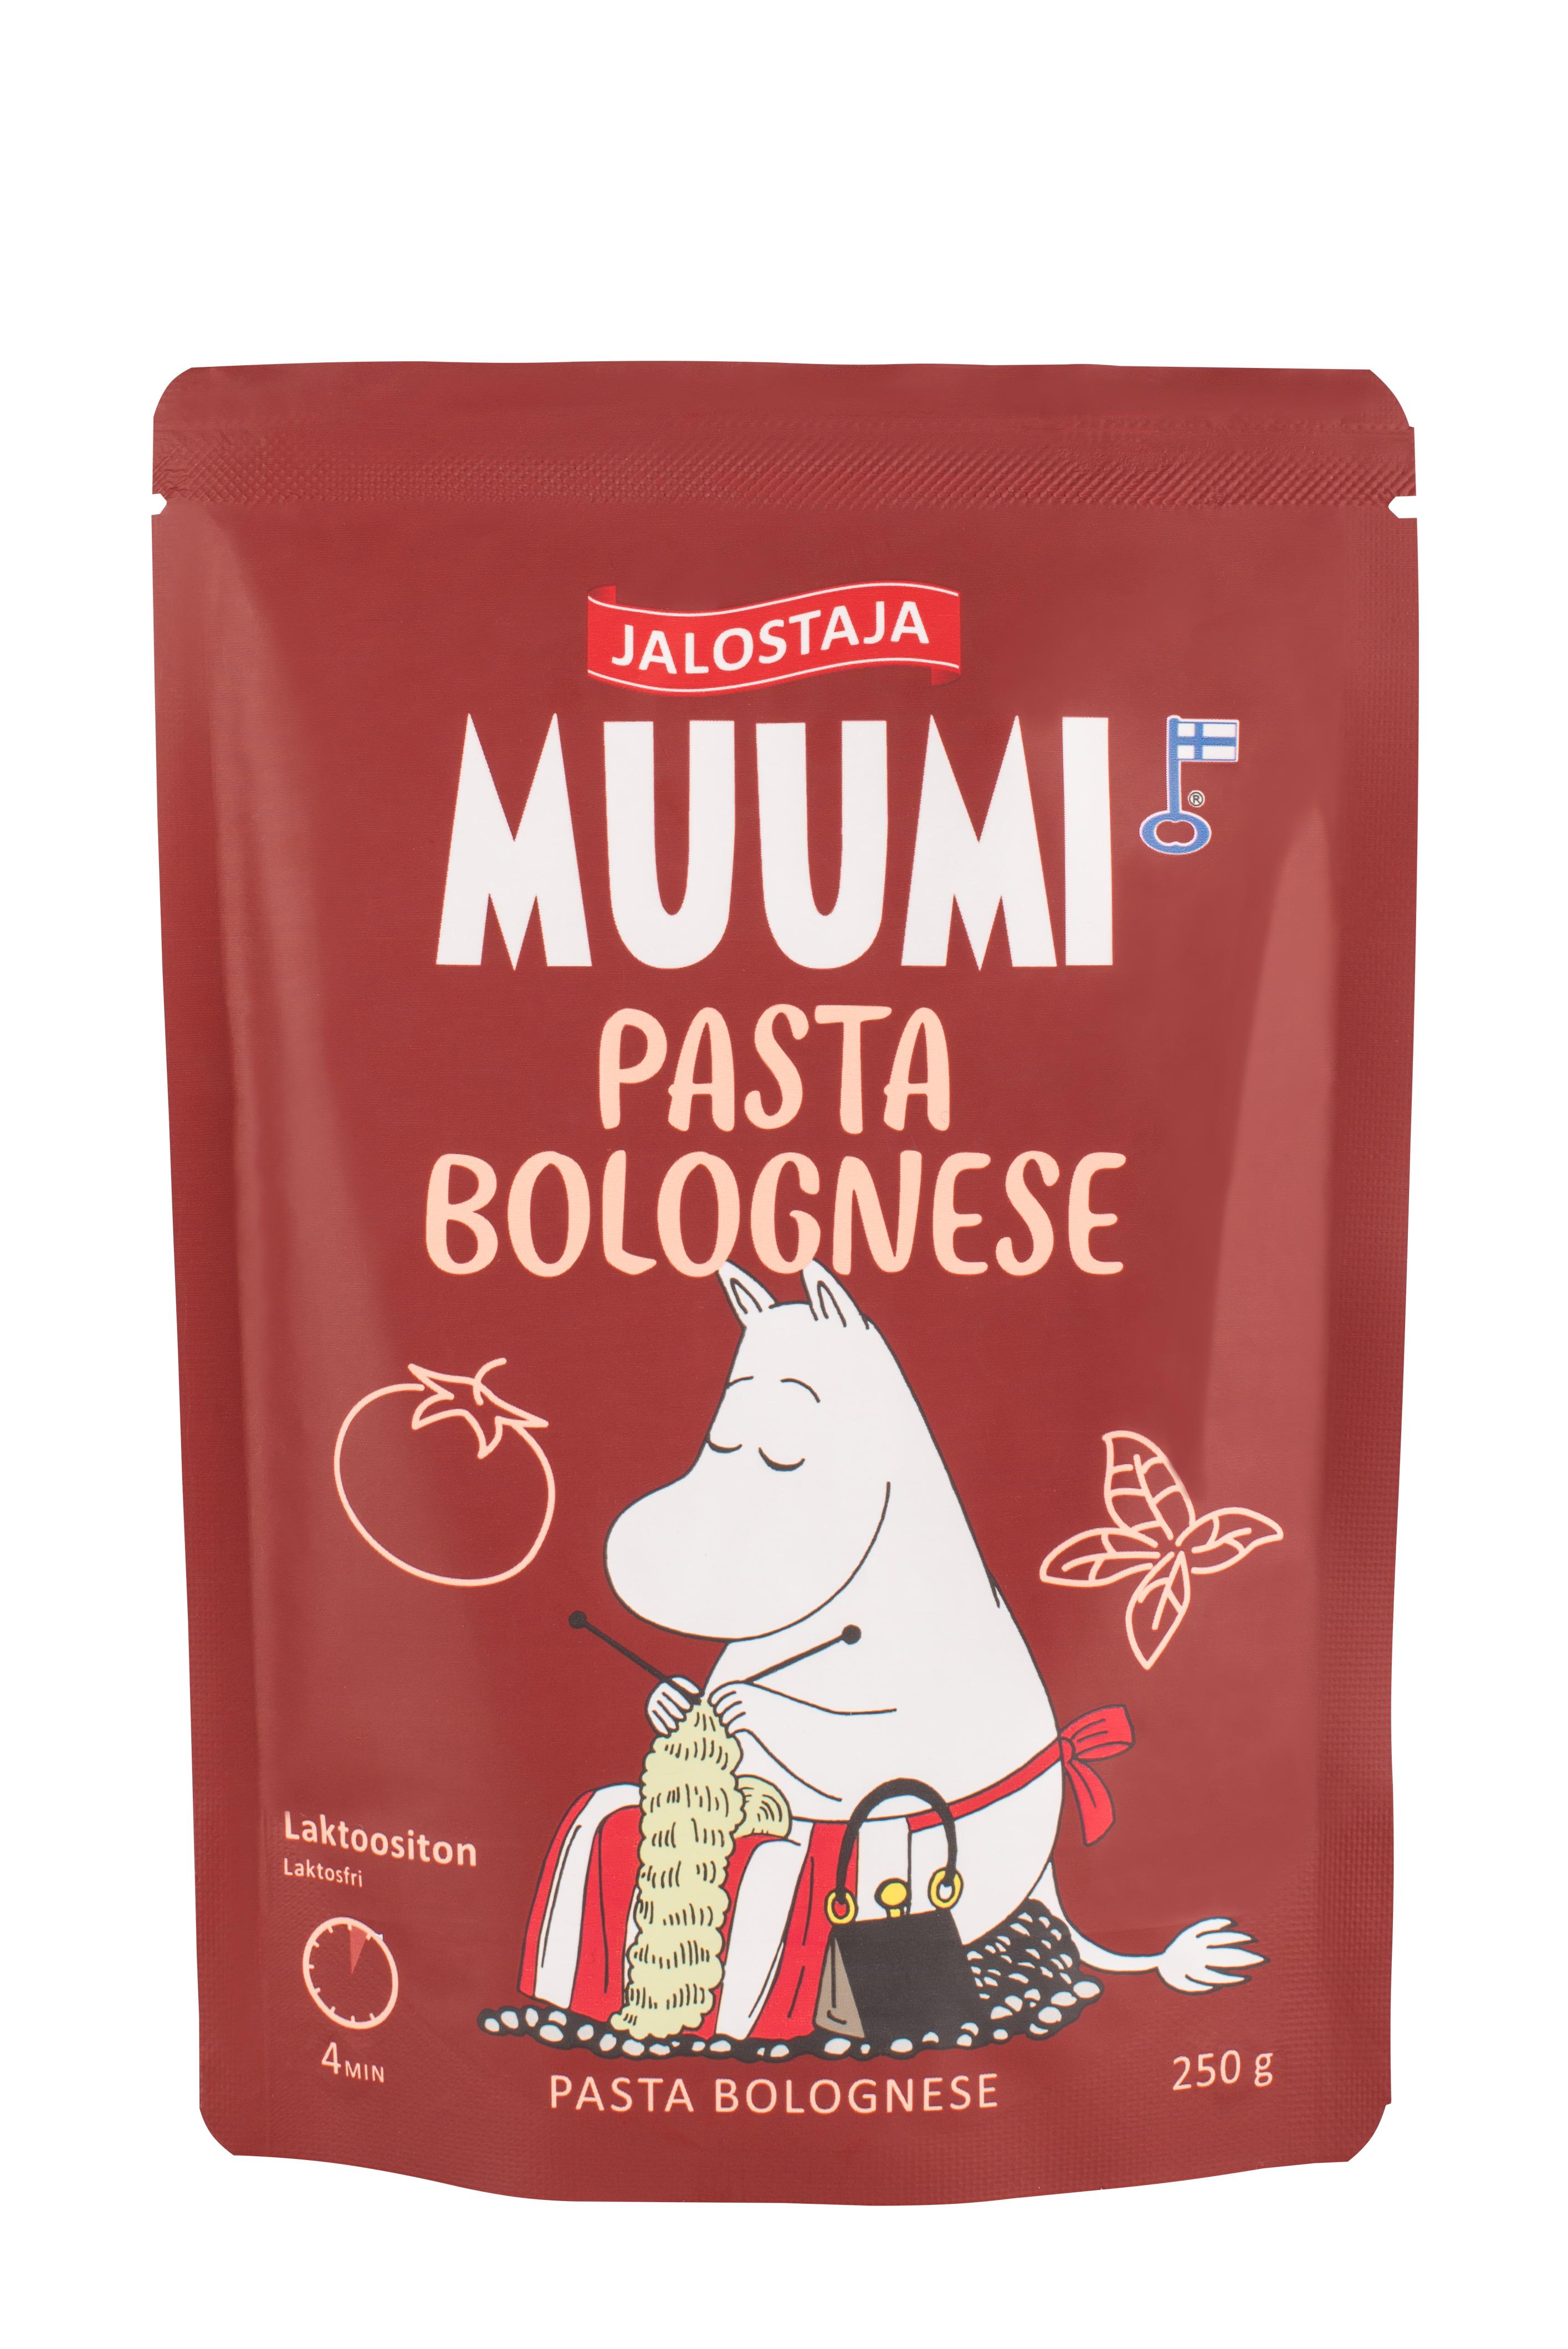 Jalostaja Muumi 250g Pasta Bolognese